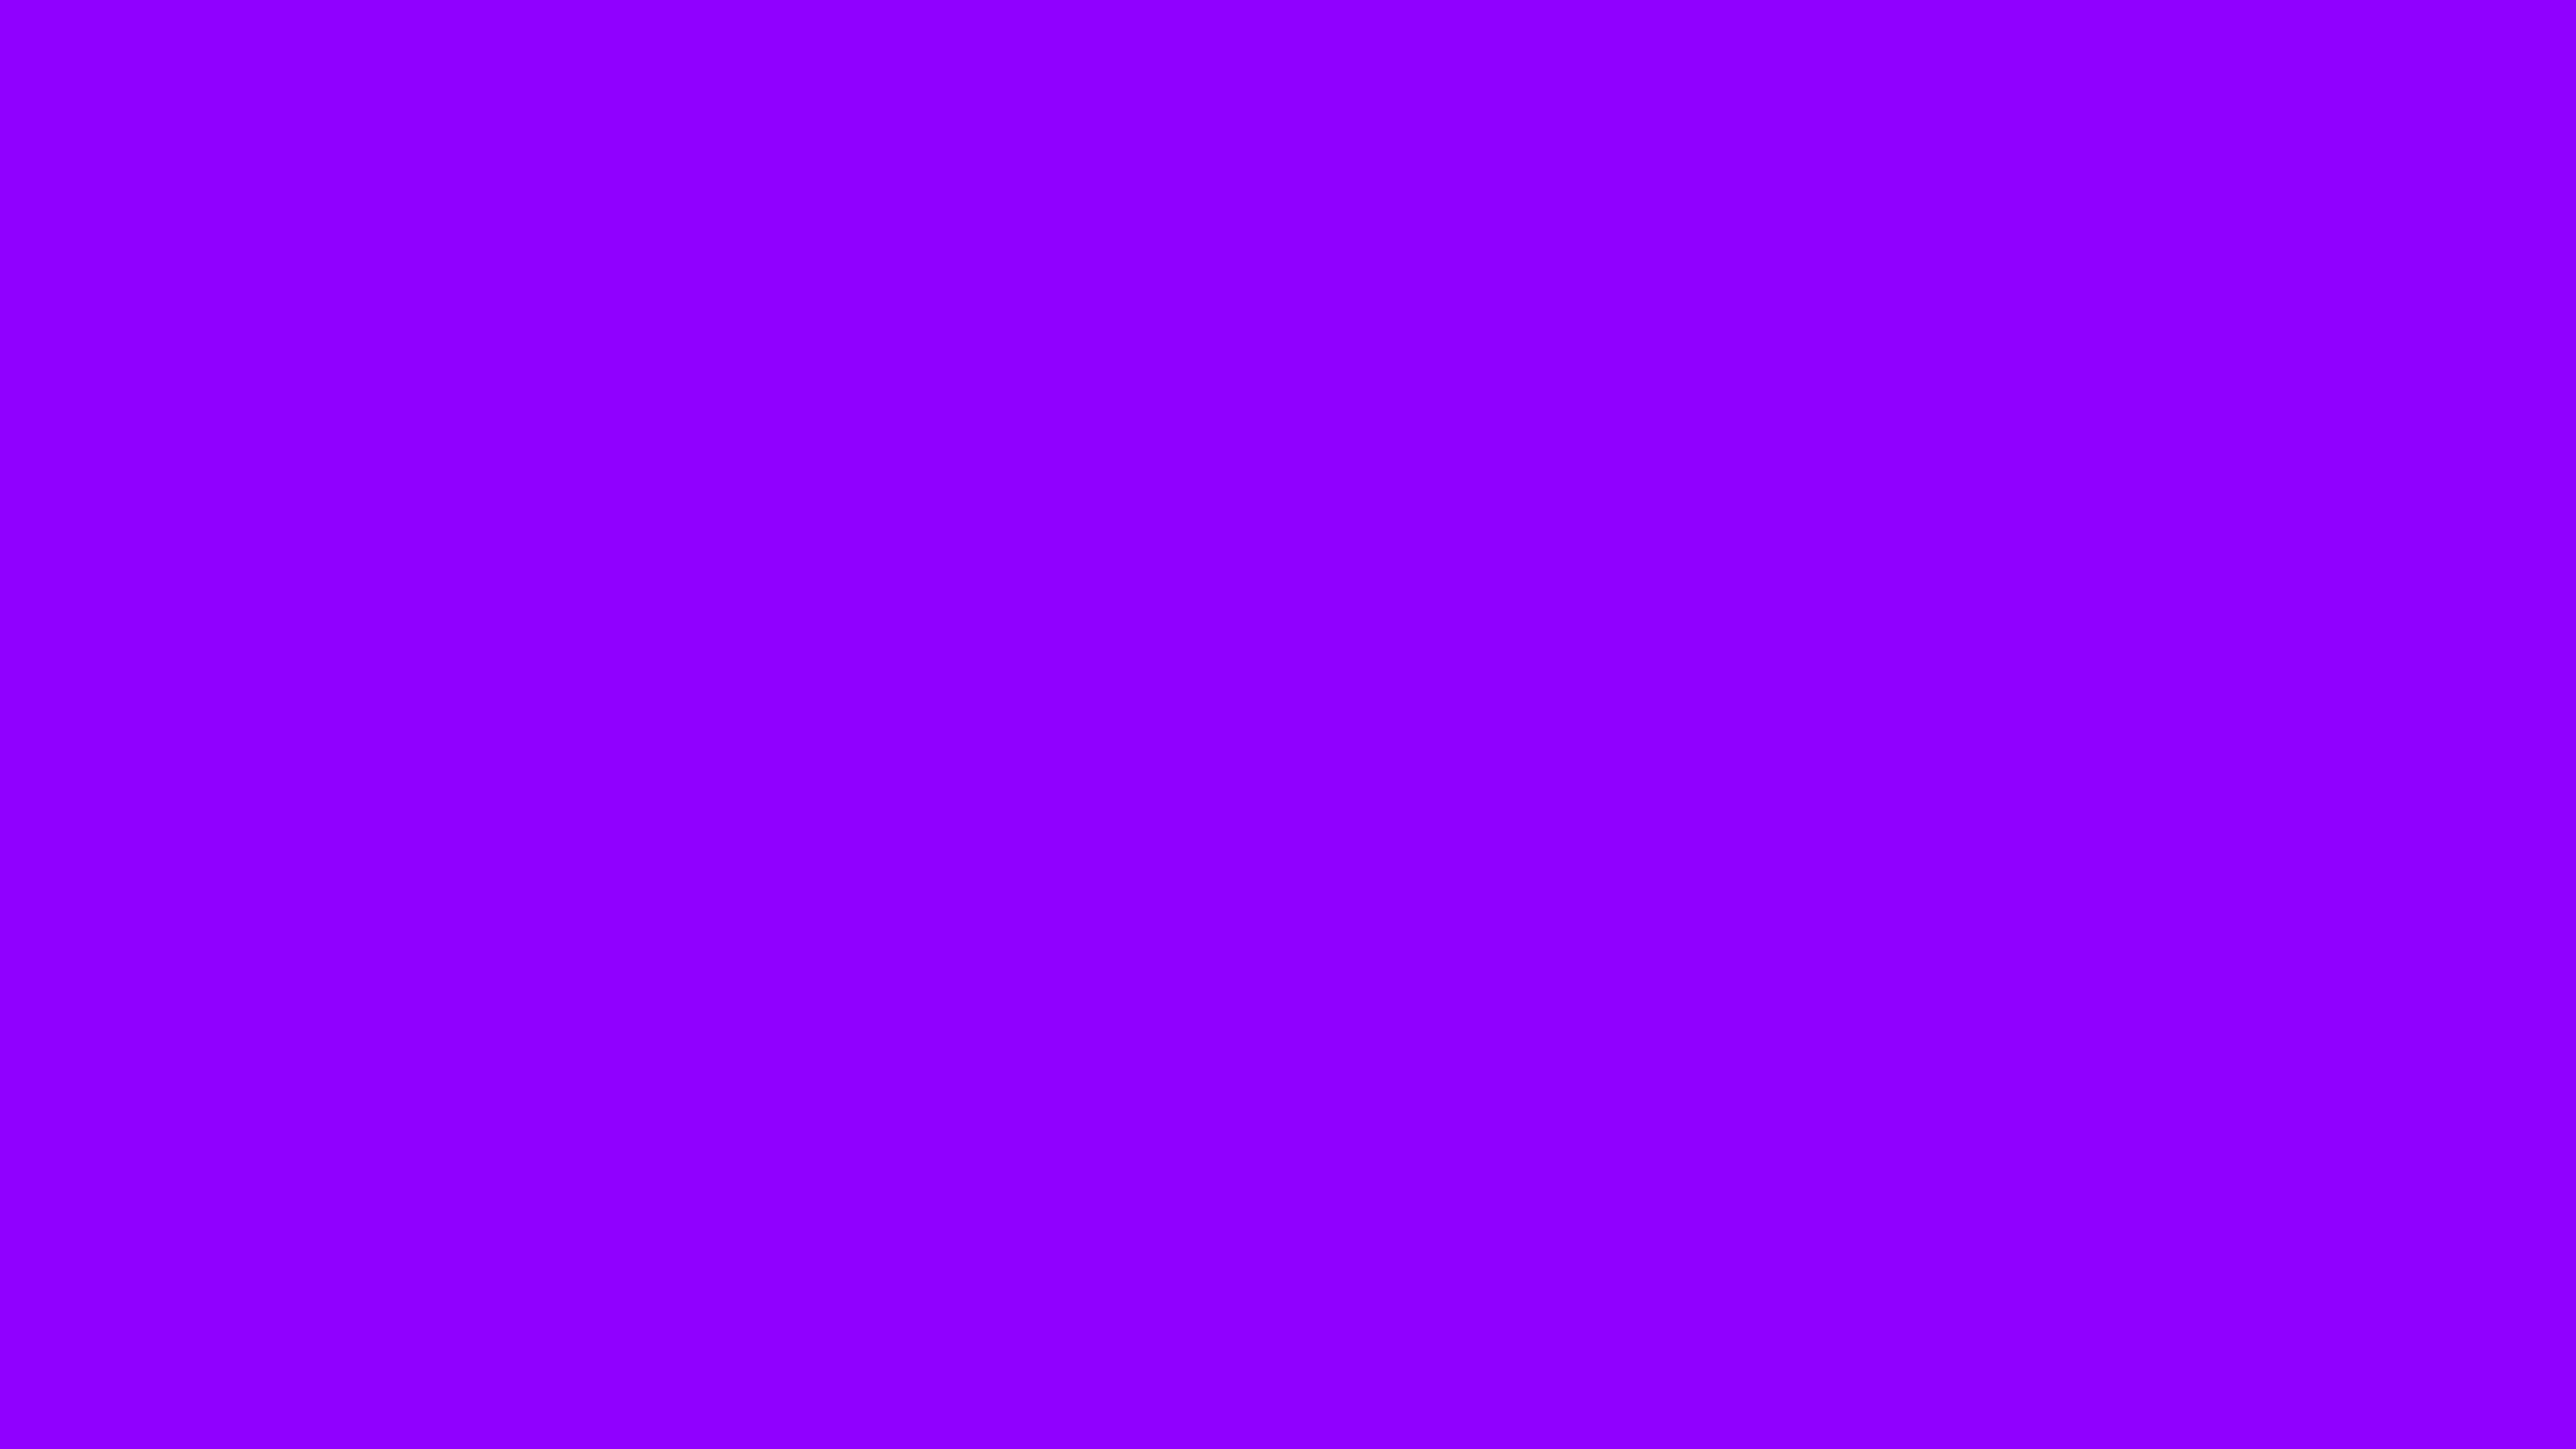 3840x2160 Violet Solid Color Background